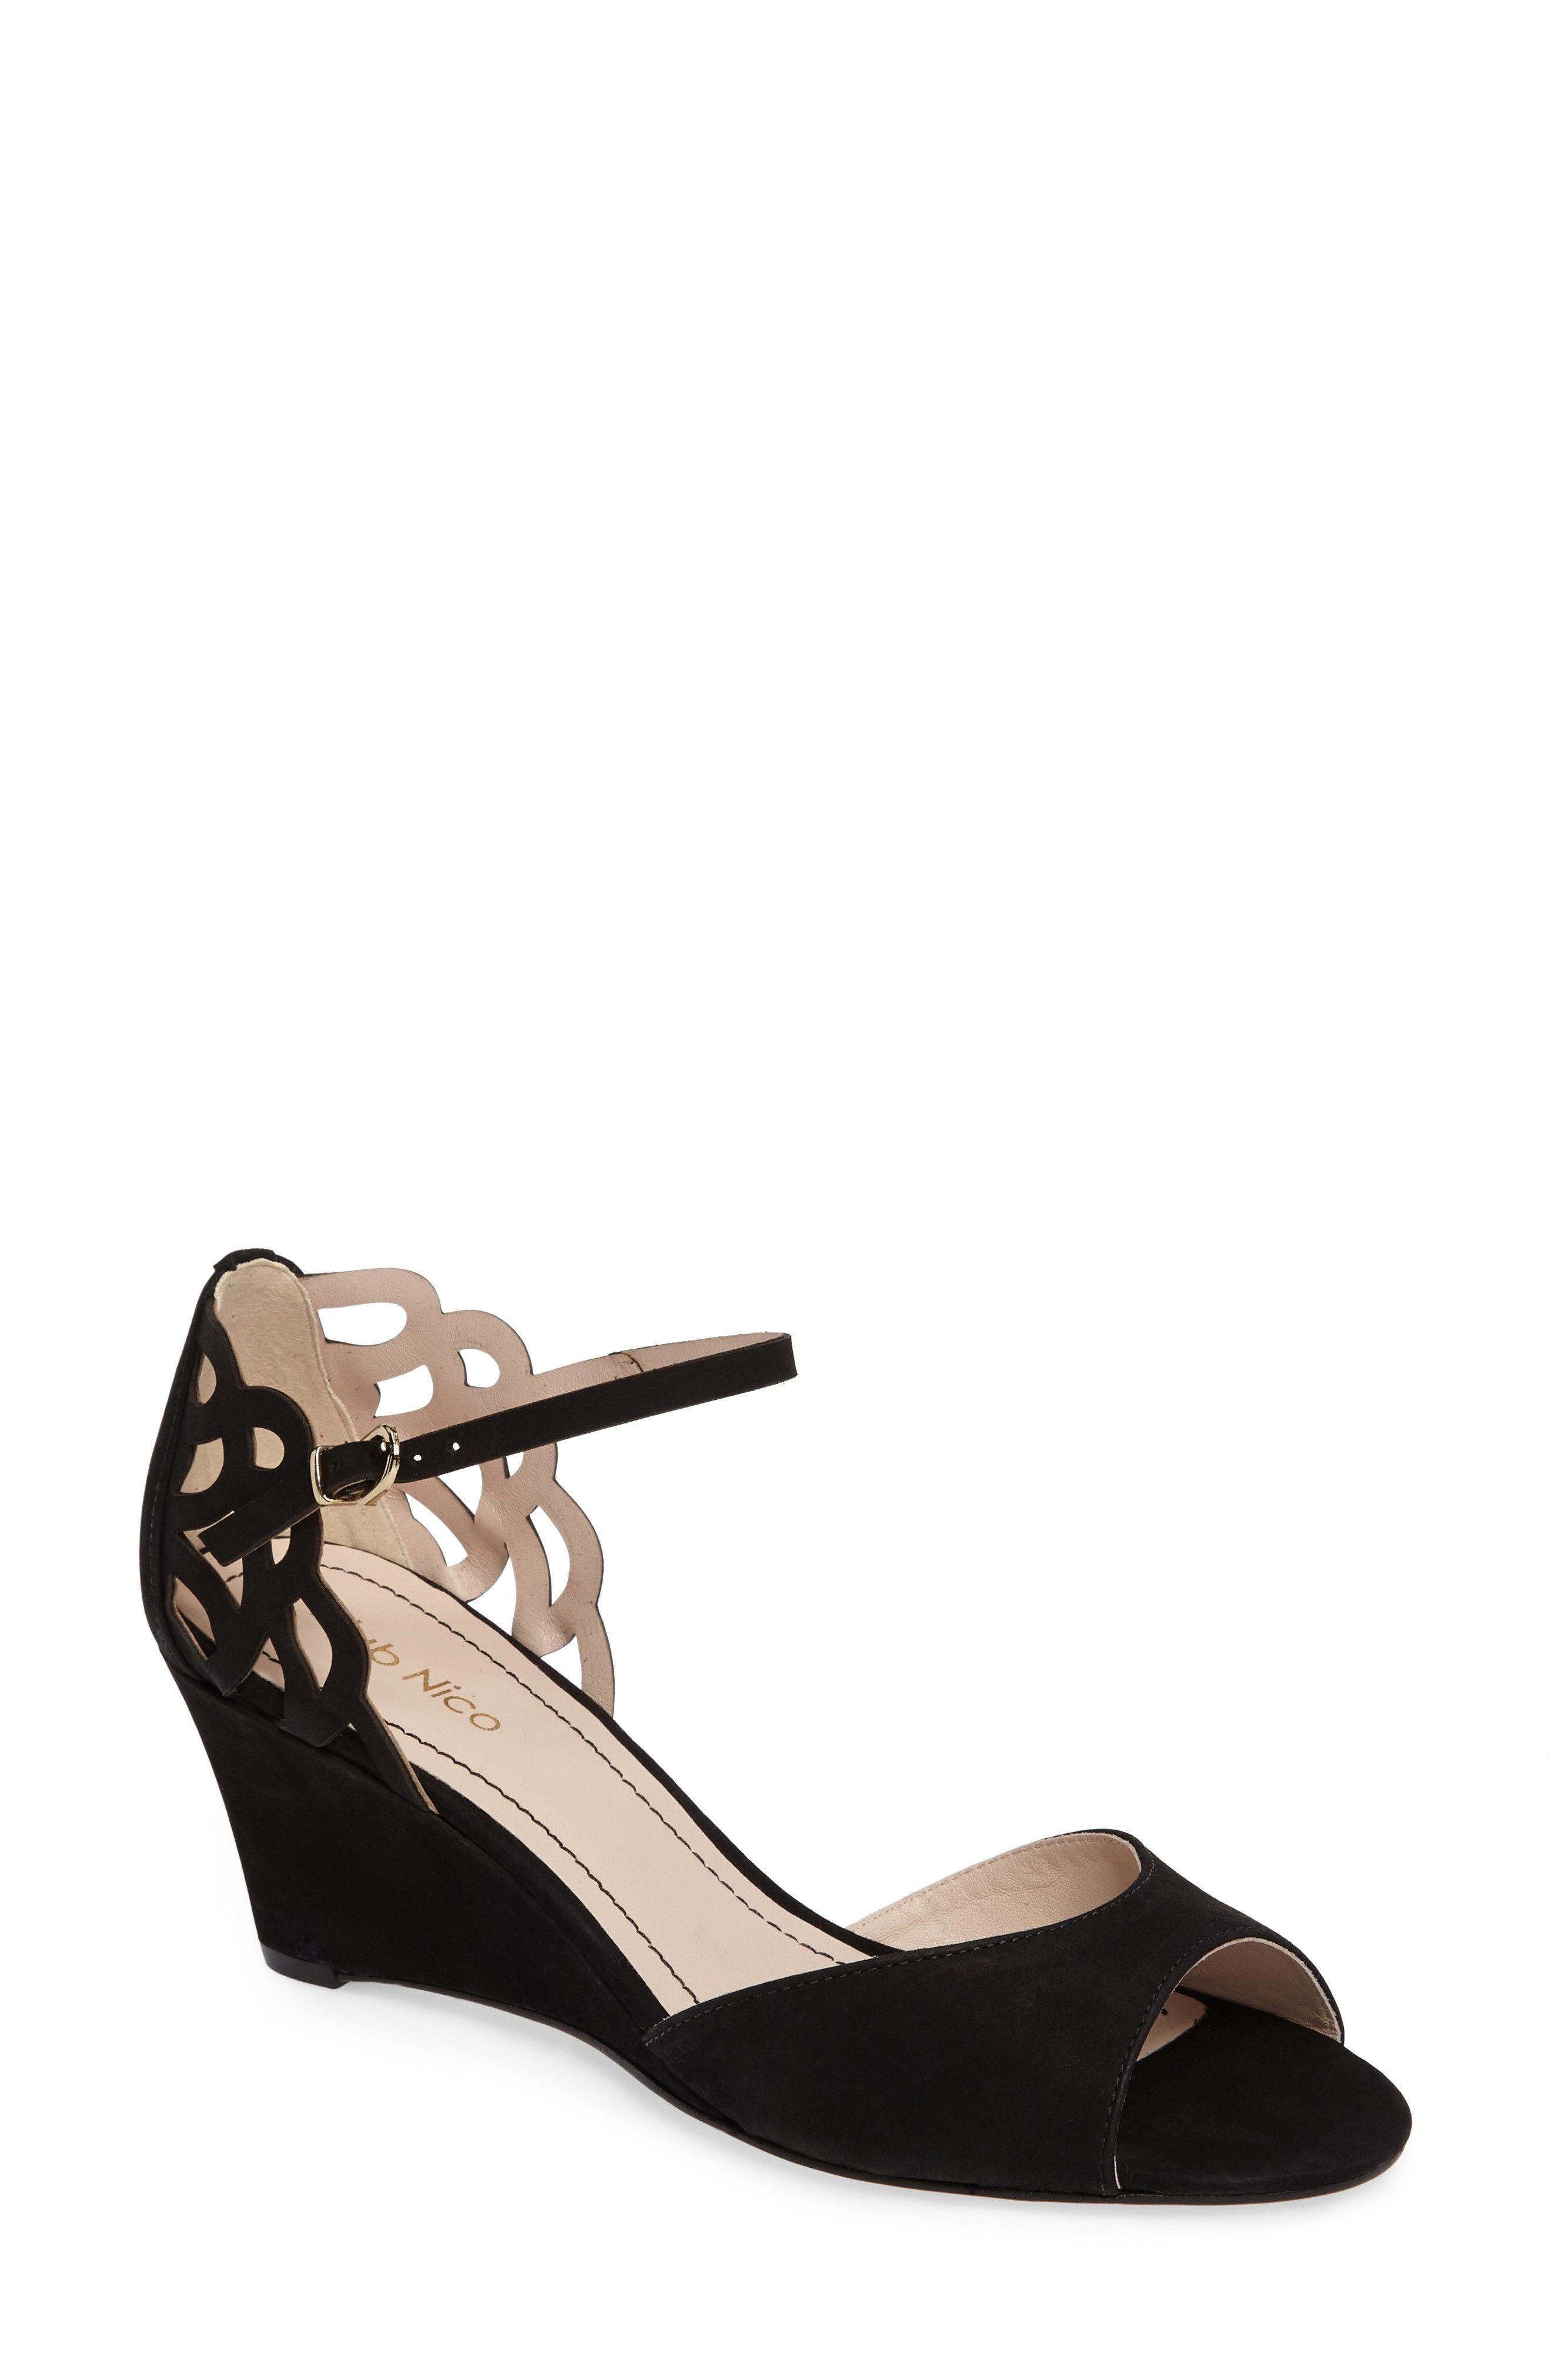 a82682aaf00a New KLUB NICO Karina Cutout Sandal online. New KLUB NICO Sandals.   185.95   SKU PVGD93844TKUW55152